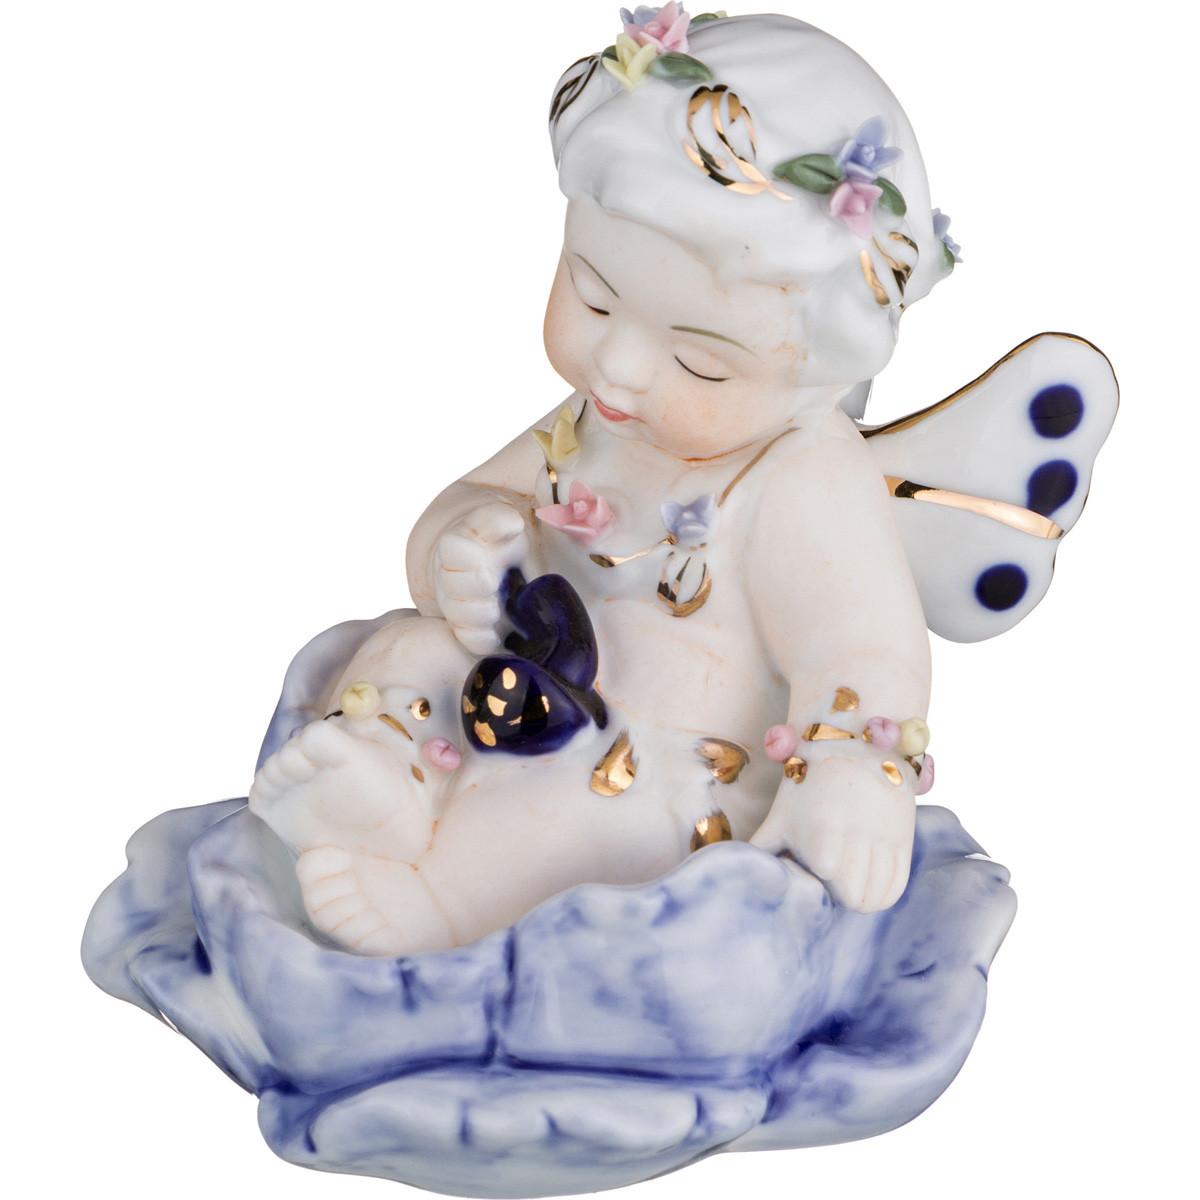 Купить Статуэтки и фигурки Lefard, Фигурка Deana (7х10 см), Китай, Розовый, Фиолетовый, Фарфор